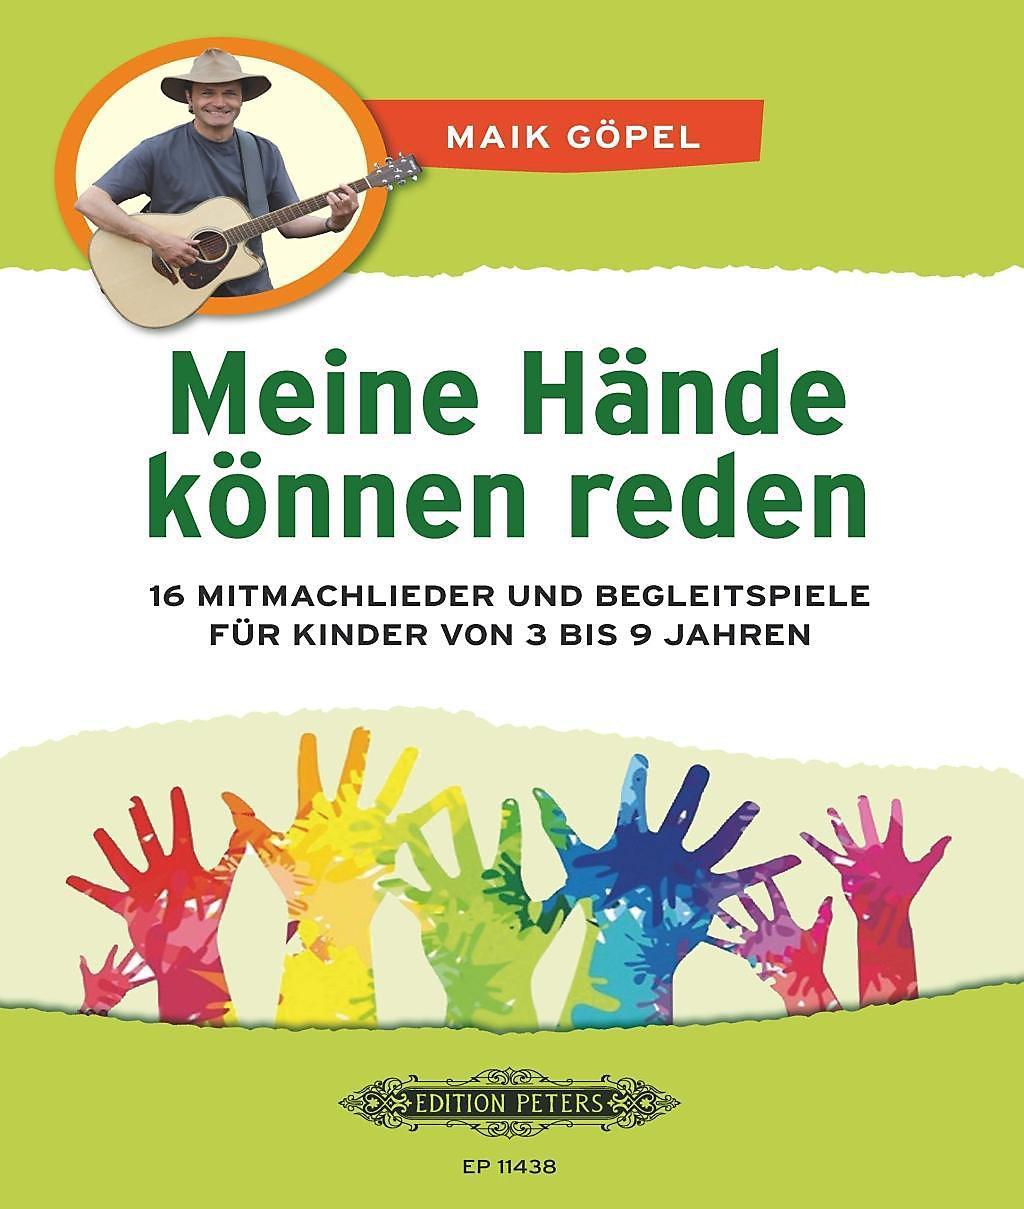 Meine Hände können reden Buch bei Weltbild.de online bestellen